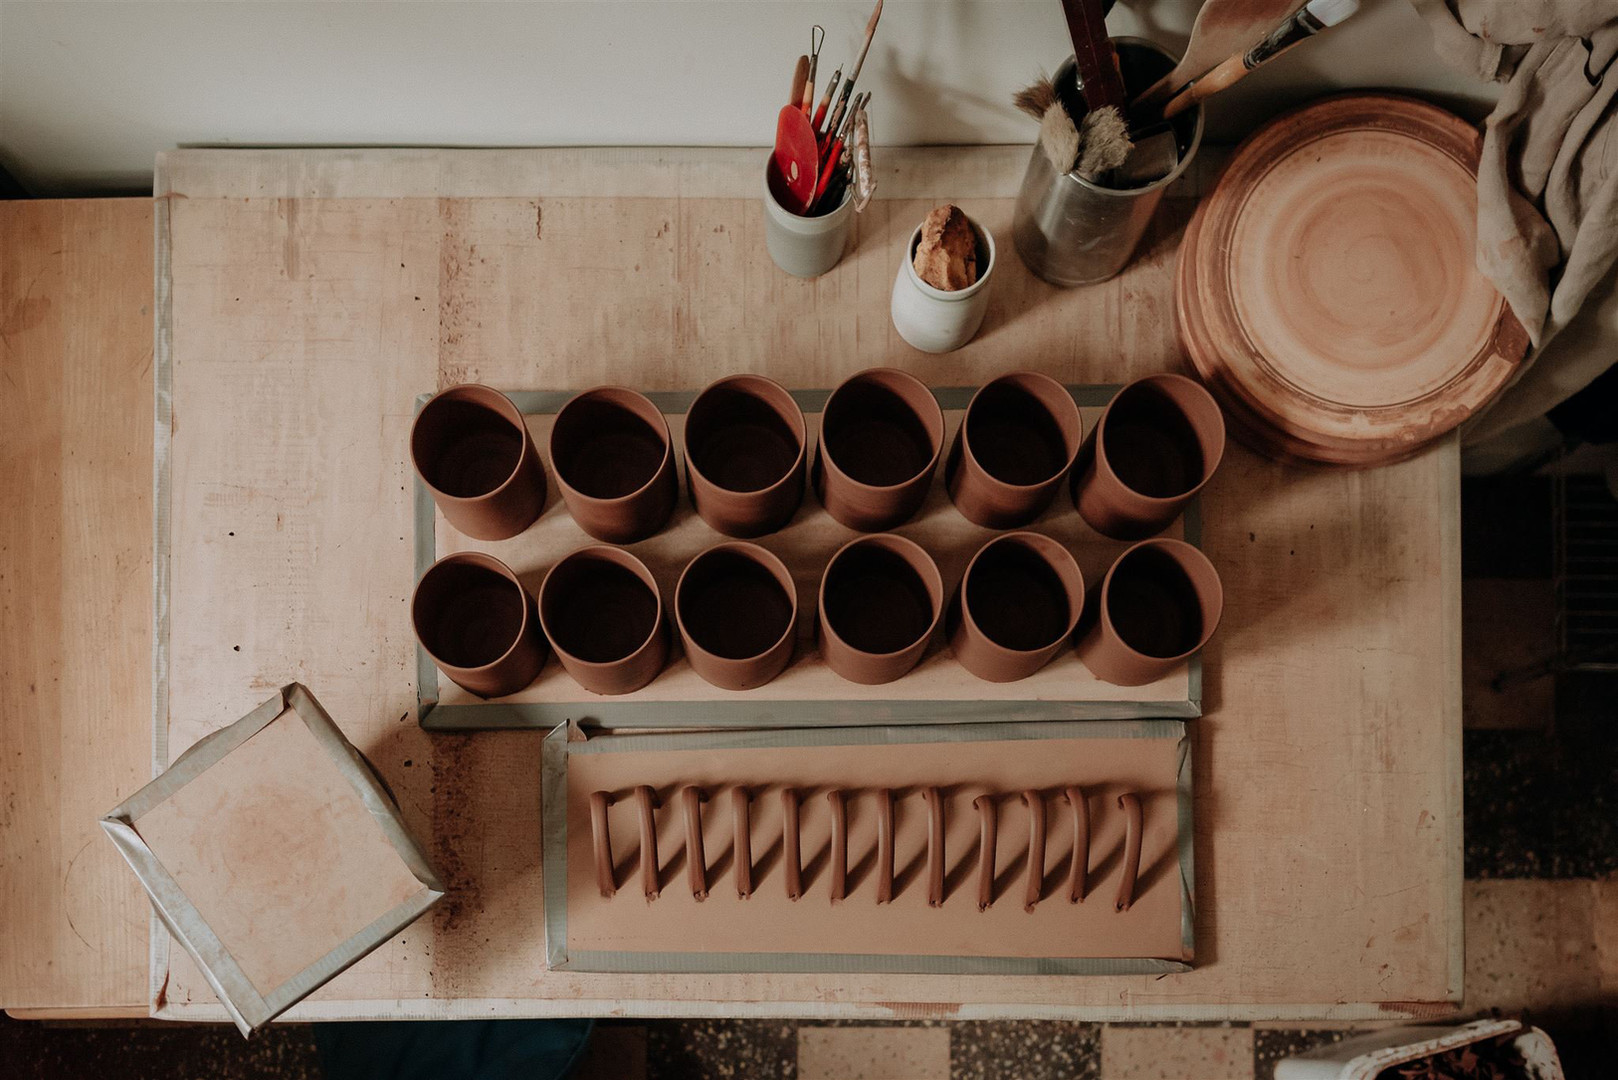 the mug making process